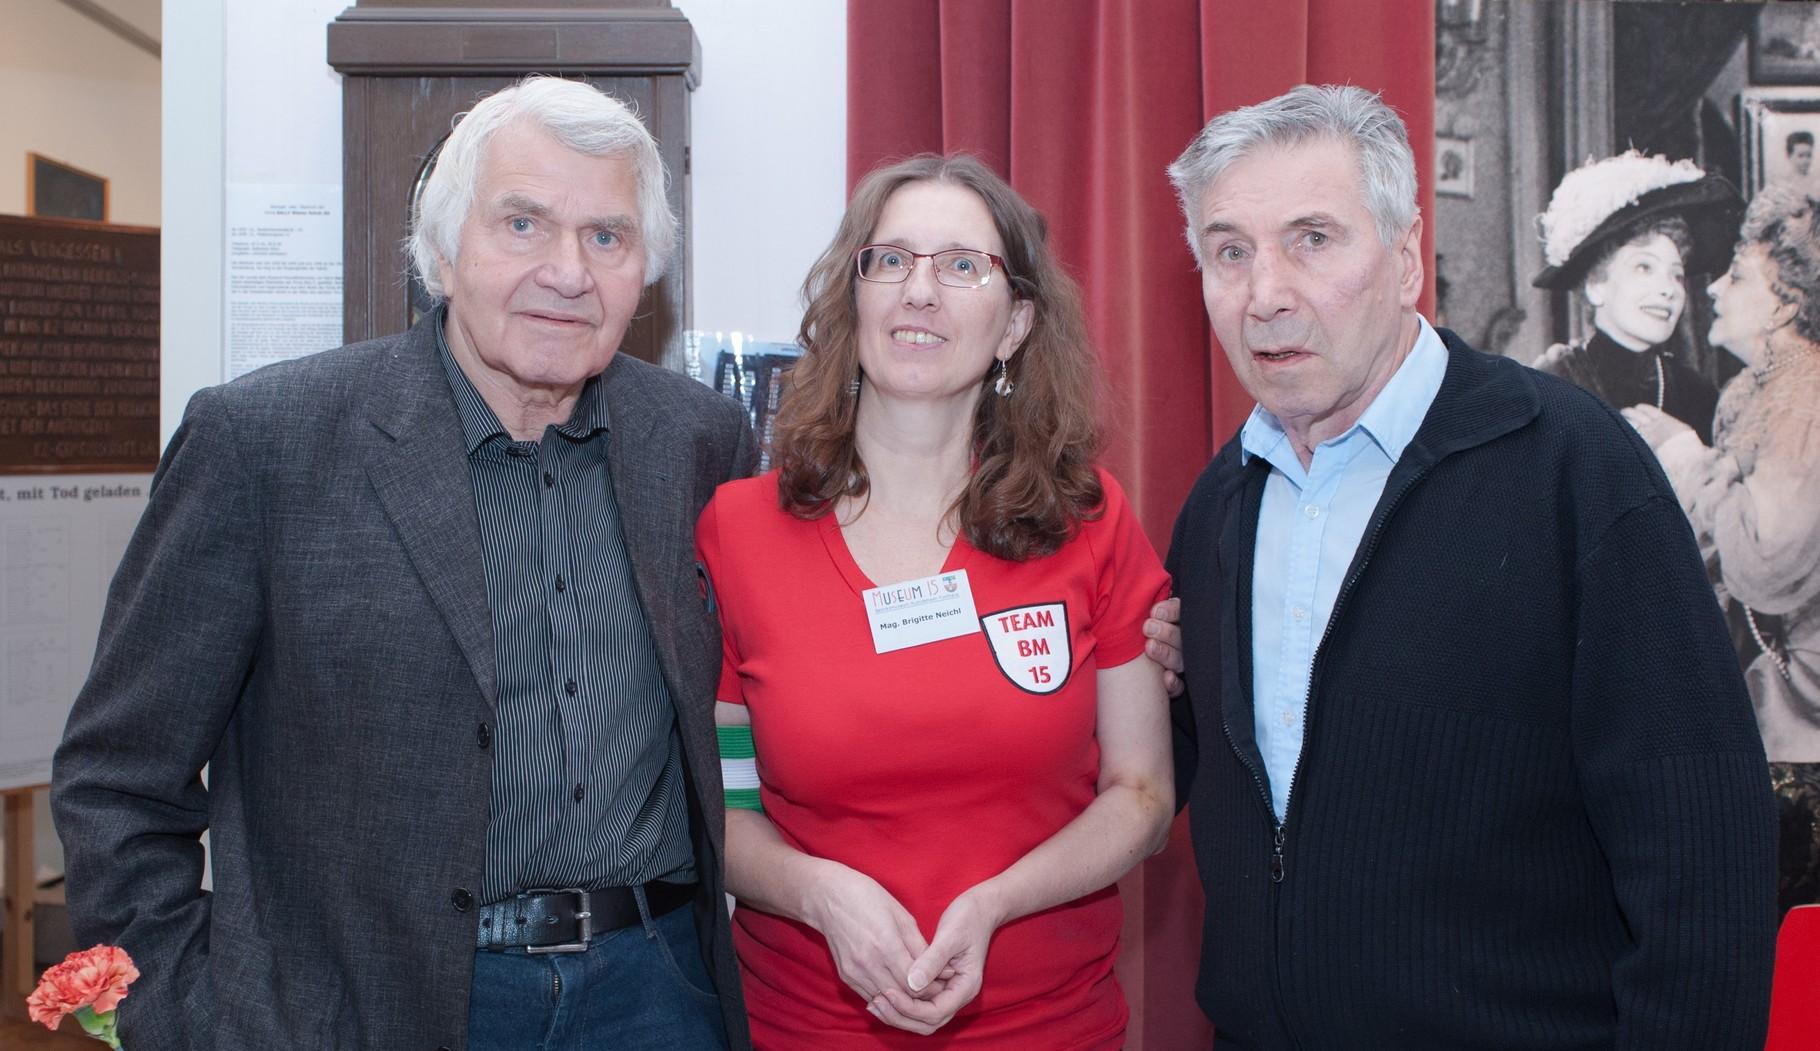 Museumsleiterin Brigitte Neichl zwischen zwei Legenden: Sigi Bergmann (li) und Hans Irsolics (re)